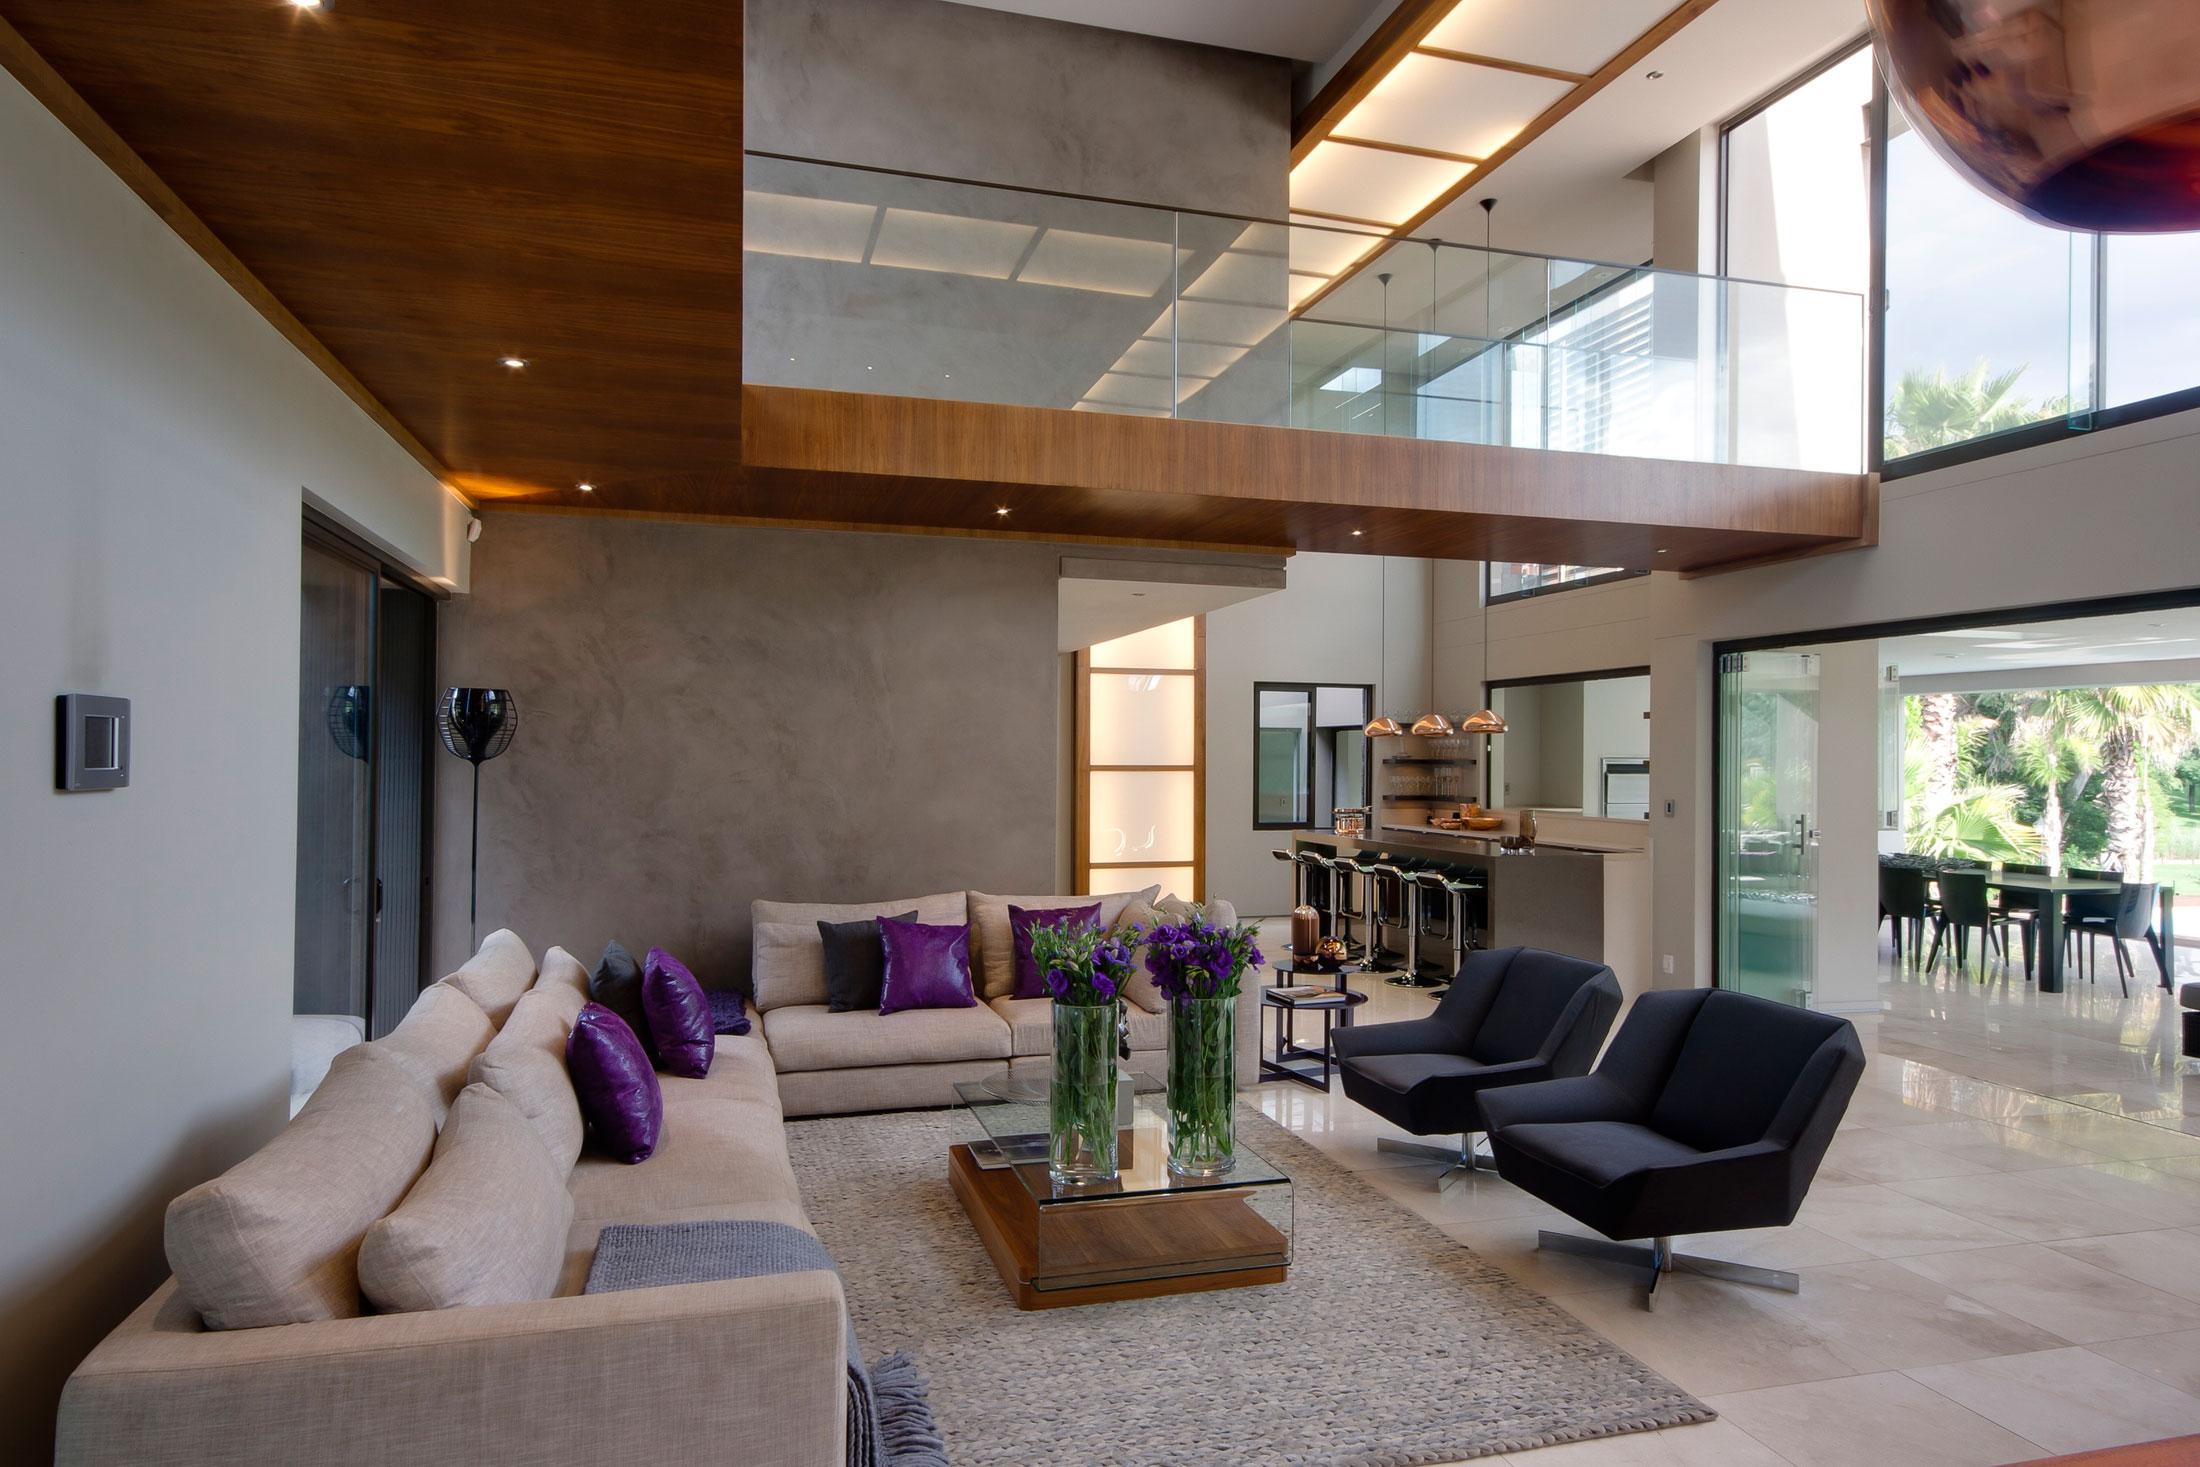 70 moderne, innovative luxus interieur ideen fürs wohnzimmer - Moderne Wohnzimmer Lila